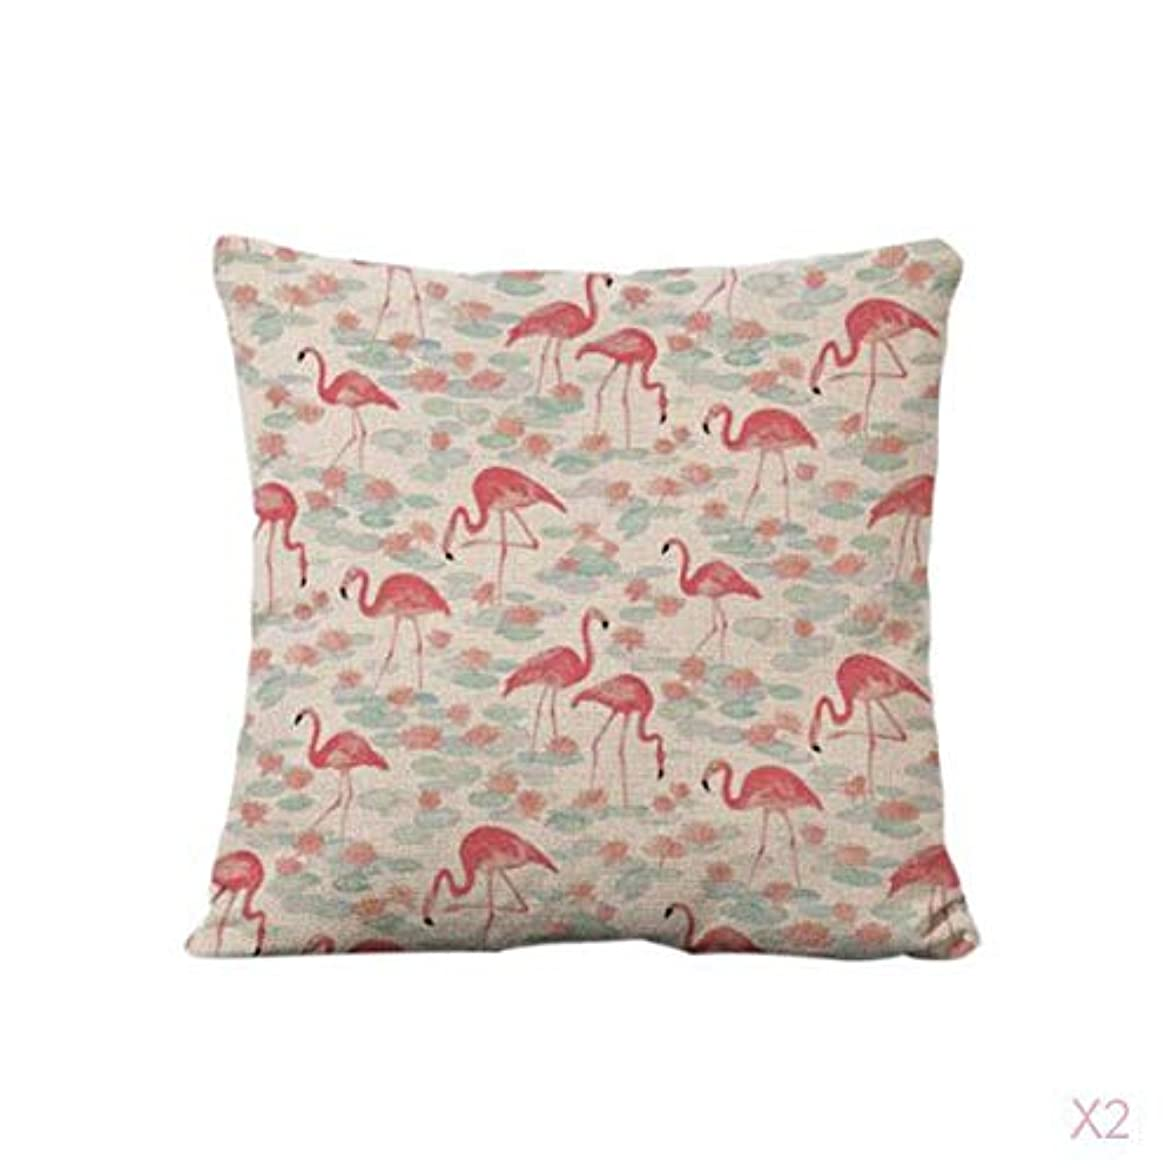 促す参加するゼリーFutuHome コットンリネンスロー枕カバークッションカバーソファ家の装飾フラミンゴ#2